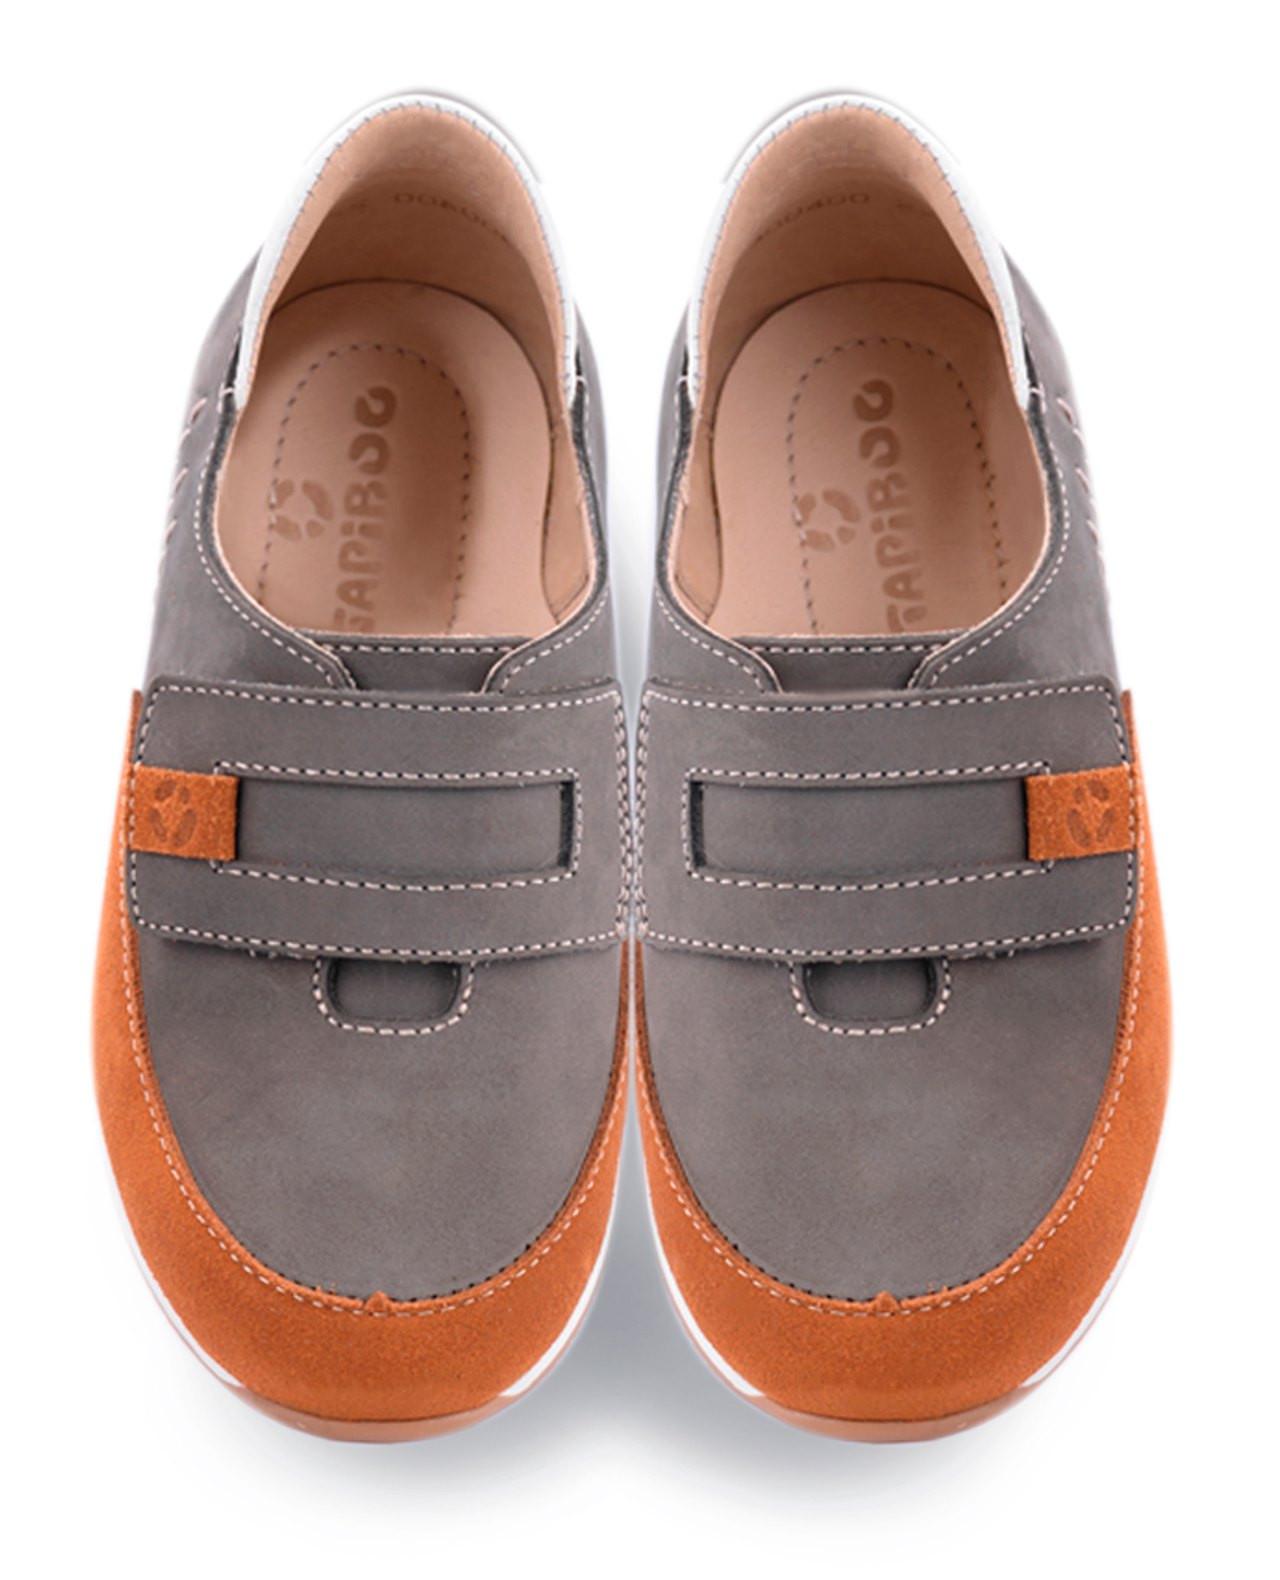 """Полуботинки Детские, Tapiboo Ива (43576, 32 )Ботинки<br>Полуботинки из коллекции «СПОРТ». Несмотря <br>на ярко-выраженный спортивный дизайн обладают <br>всеми необходимыми свойствами профилактической <br>обуви. Каблук продлен с внутренней стороны <br>до середины стопы, чтобы исключить вращение <br>(заваливание) стопы вовнутрь (вальгусная <br>деформация). Многослойная, анатомическая <br>стелька со сводоподдерживающим элементом <br>для правильного формирования стопы. Благодаря <br>использованию современных внутренних материалов <br>позволяет оптимально распределить нагрузку <br>по всей площади стопы и свести к минимуму <br>ее ударную составляющую. Жесткий фиксирующий <br>задник надежно стабилизирует голеностопный <br>сустав во время ходьбы. Упругая, эластичная <br>подошва, позволяет повторить естественное <br>движение стопы при ходьбе для правильного <br>распределения нагрузки на опорно-двигательный <br>аппарат ребенка. Подкладка из кожи теленка <br>обладает мягкостью и природной способностью <br>пропускать воздух для создания оптимального <br>температурного режима (нога не потеет) и <br>предотвращает натирание. Застежка типа <br>""""велкро"""" позволяет легко,<br>Размер INT: M; Цвет: Красный; Ширина: 100; Высота: 200; Вес: 1000;"""